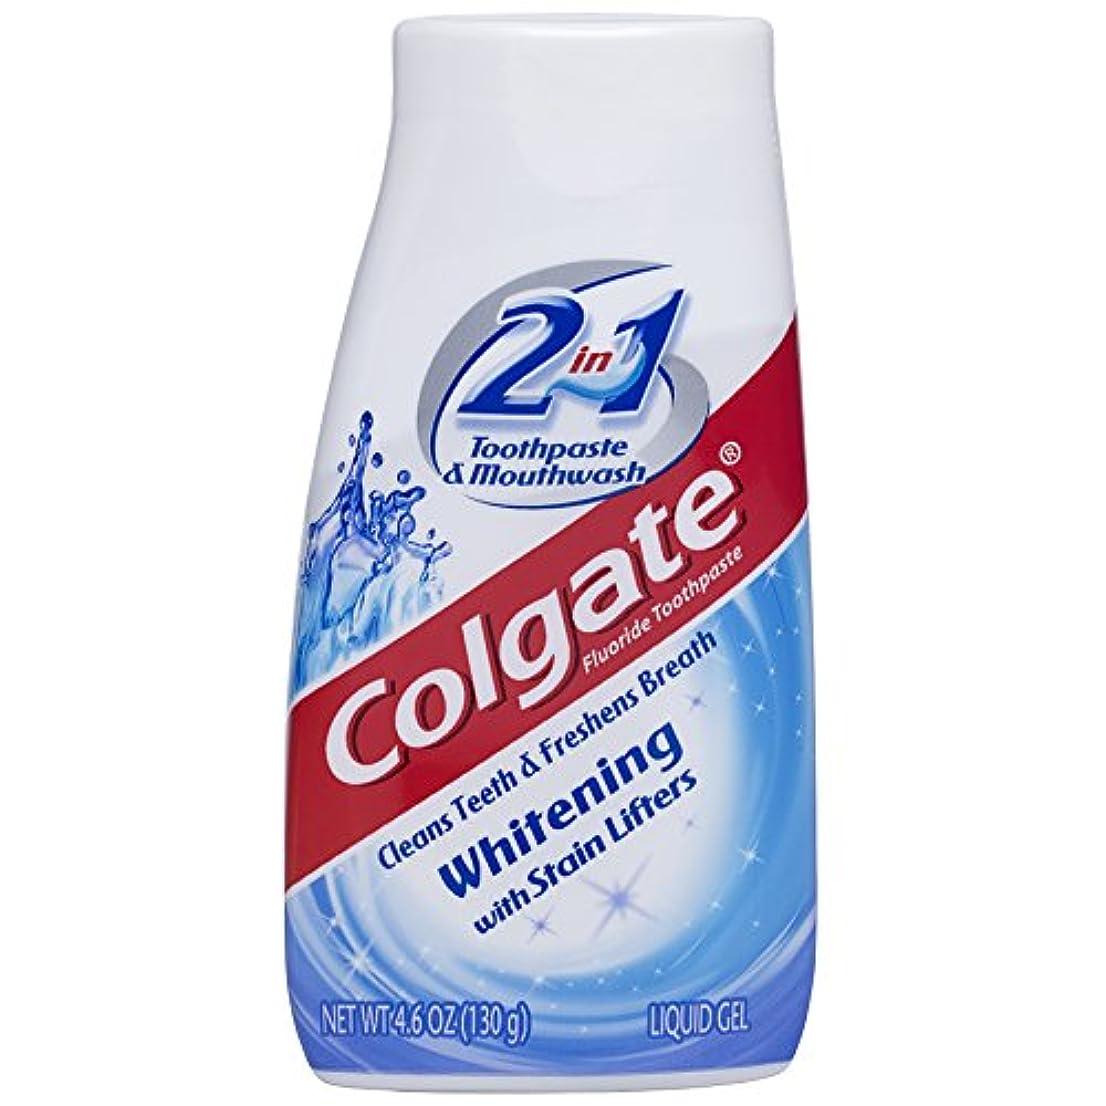 カテゴリーペット骨髄海外直送品Colgate 2 In 1 Toothpaste & Mouthwash Whitening, 4.6 oz by Colgate